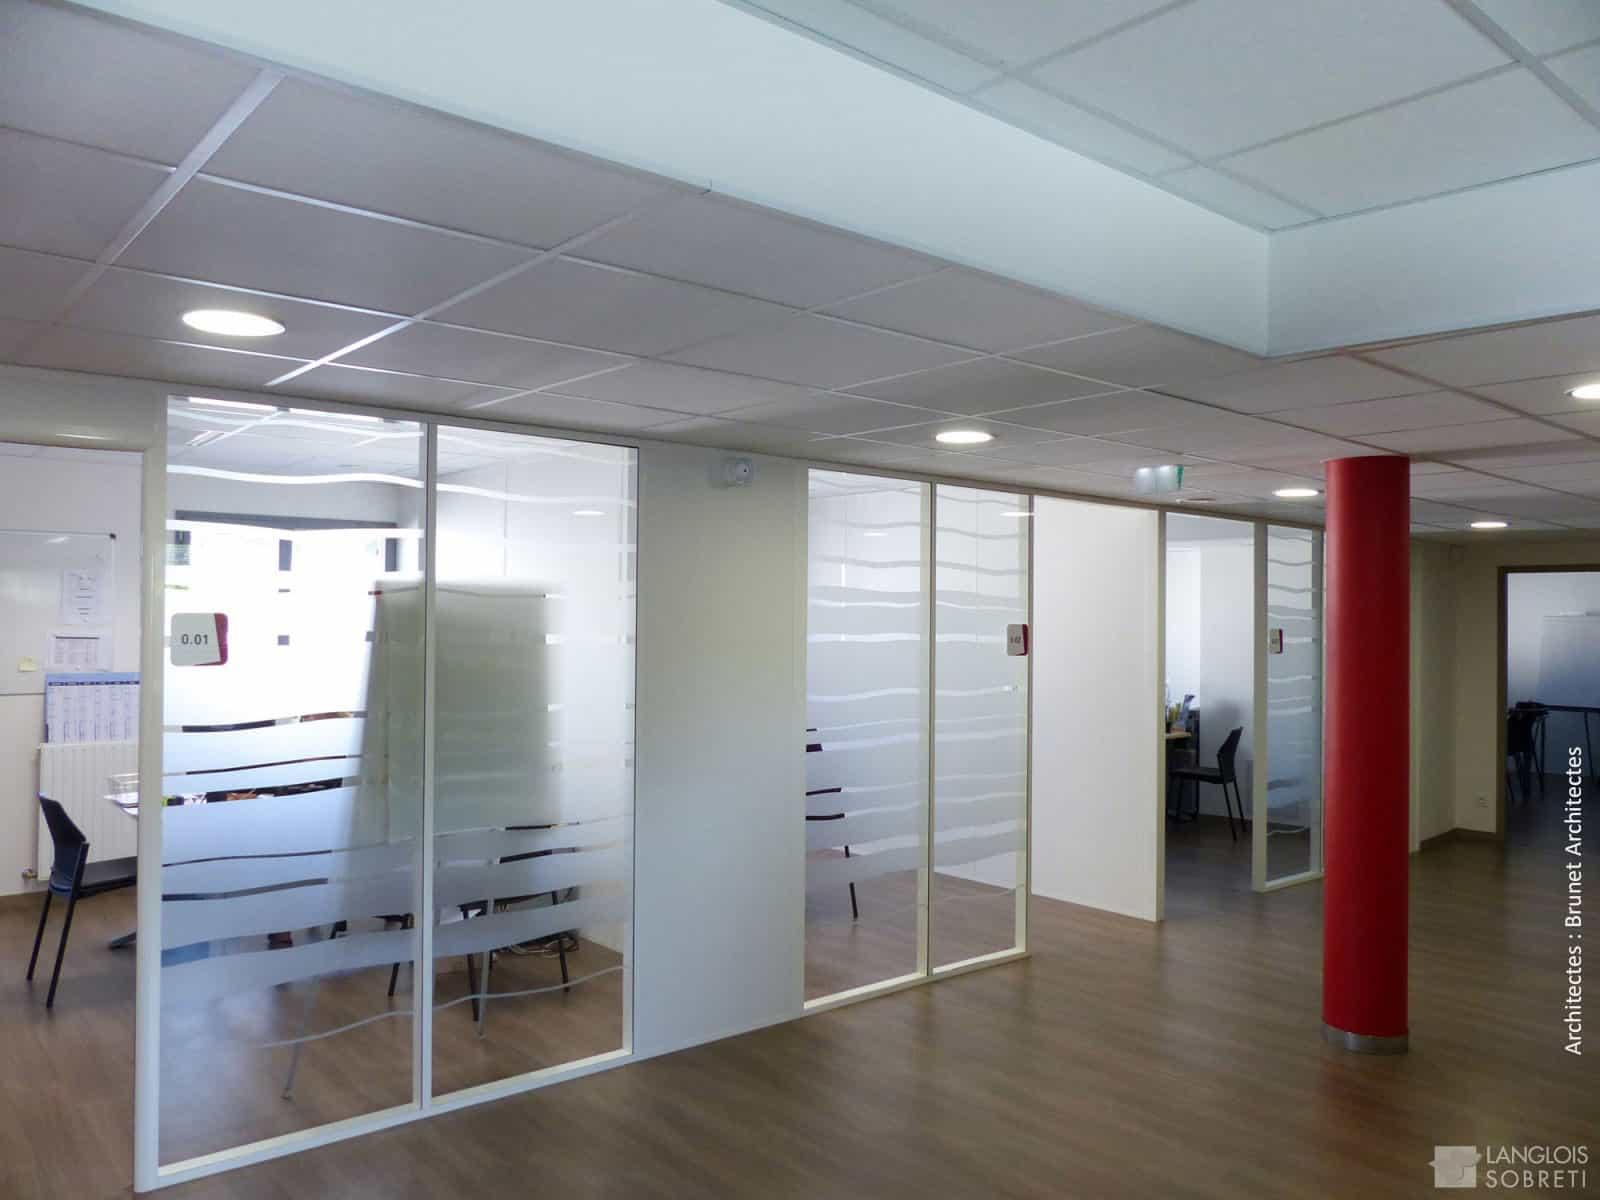 cloisons de bureau à Caen (Calvados -14) en Normandie - Langlois Sobreti